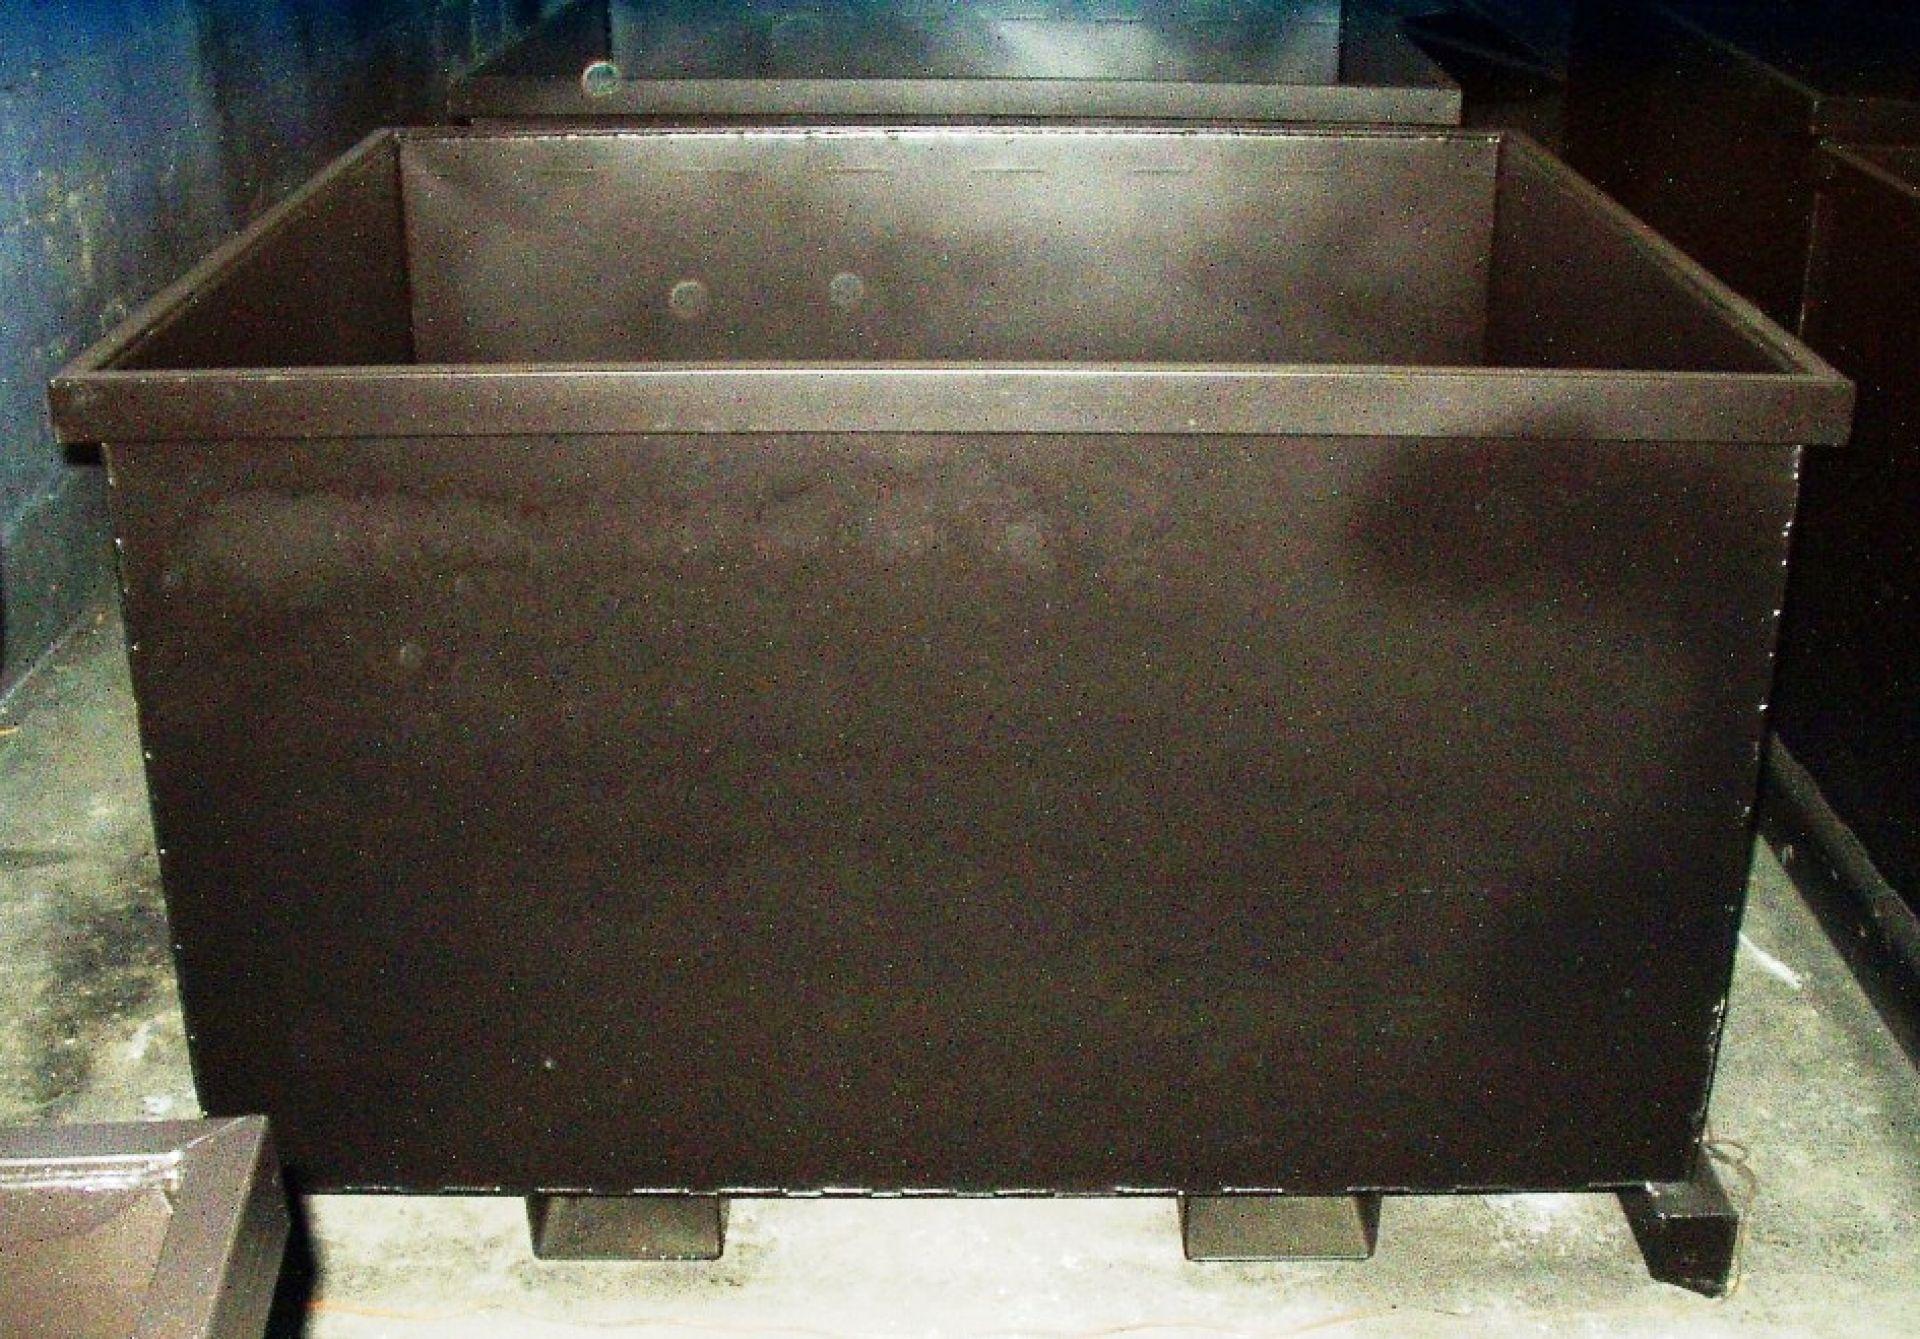 Schrottbehälter für Elektroschrott